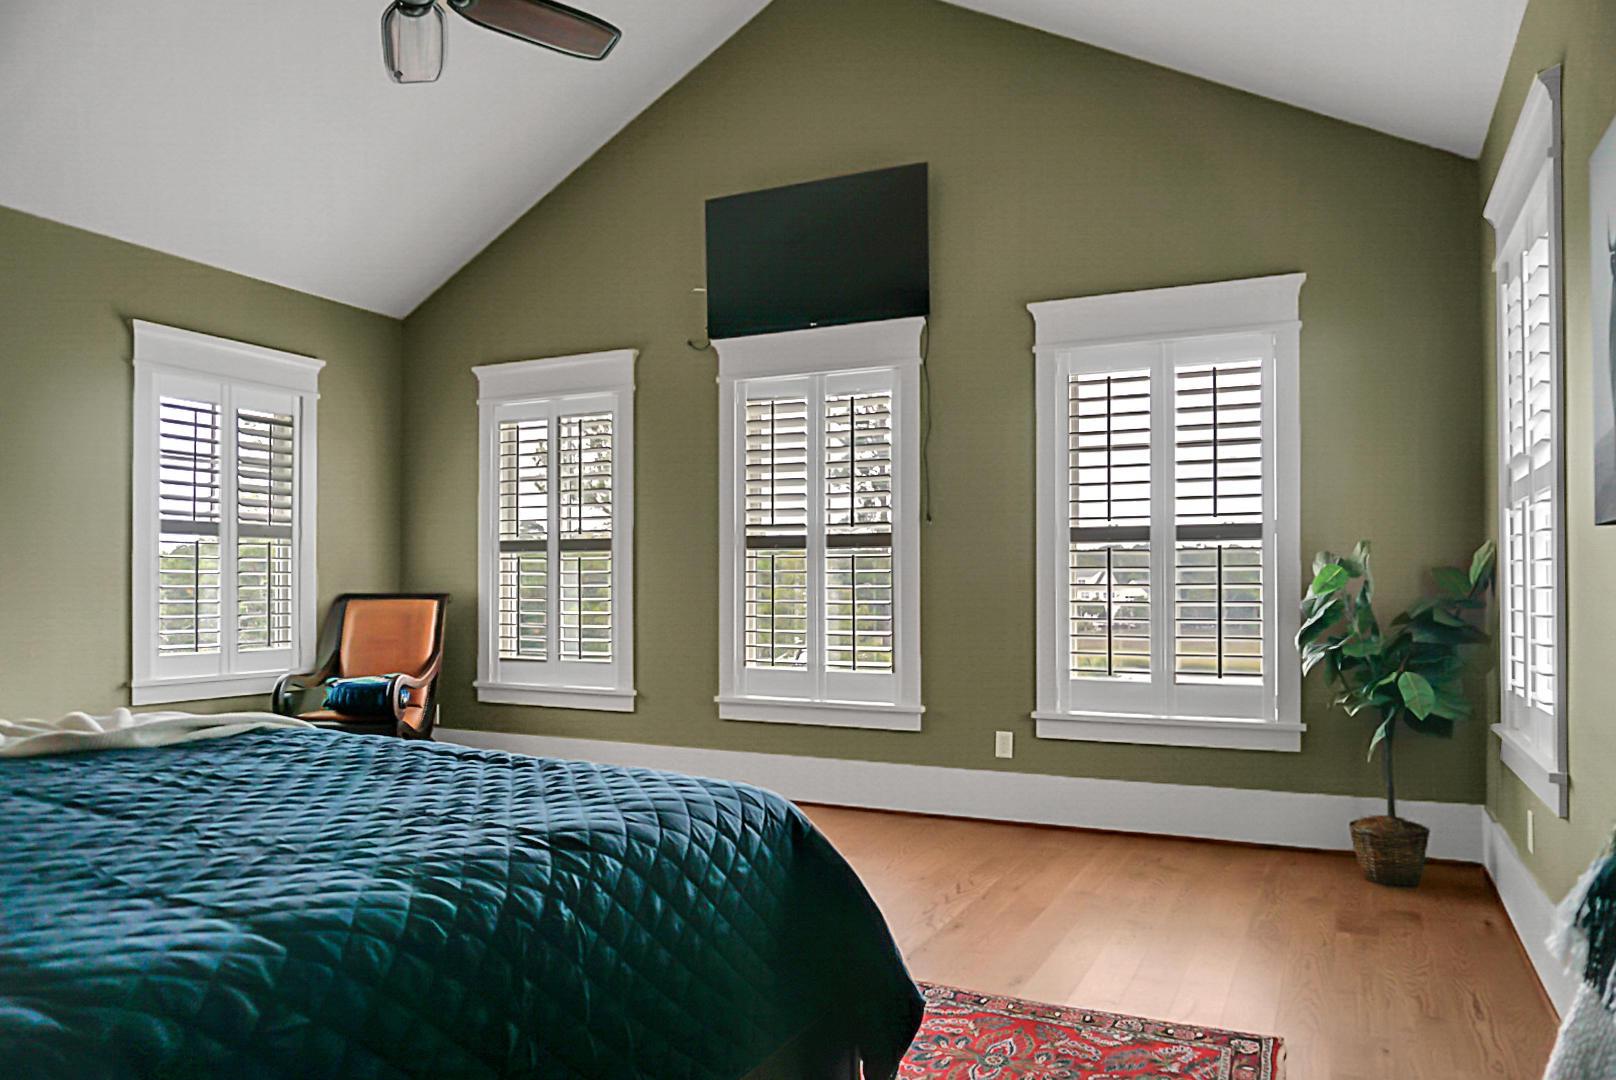 Dunes West Homes For Sale - 2978 River Vista, Mount Pleasant, SC - 32